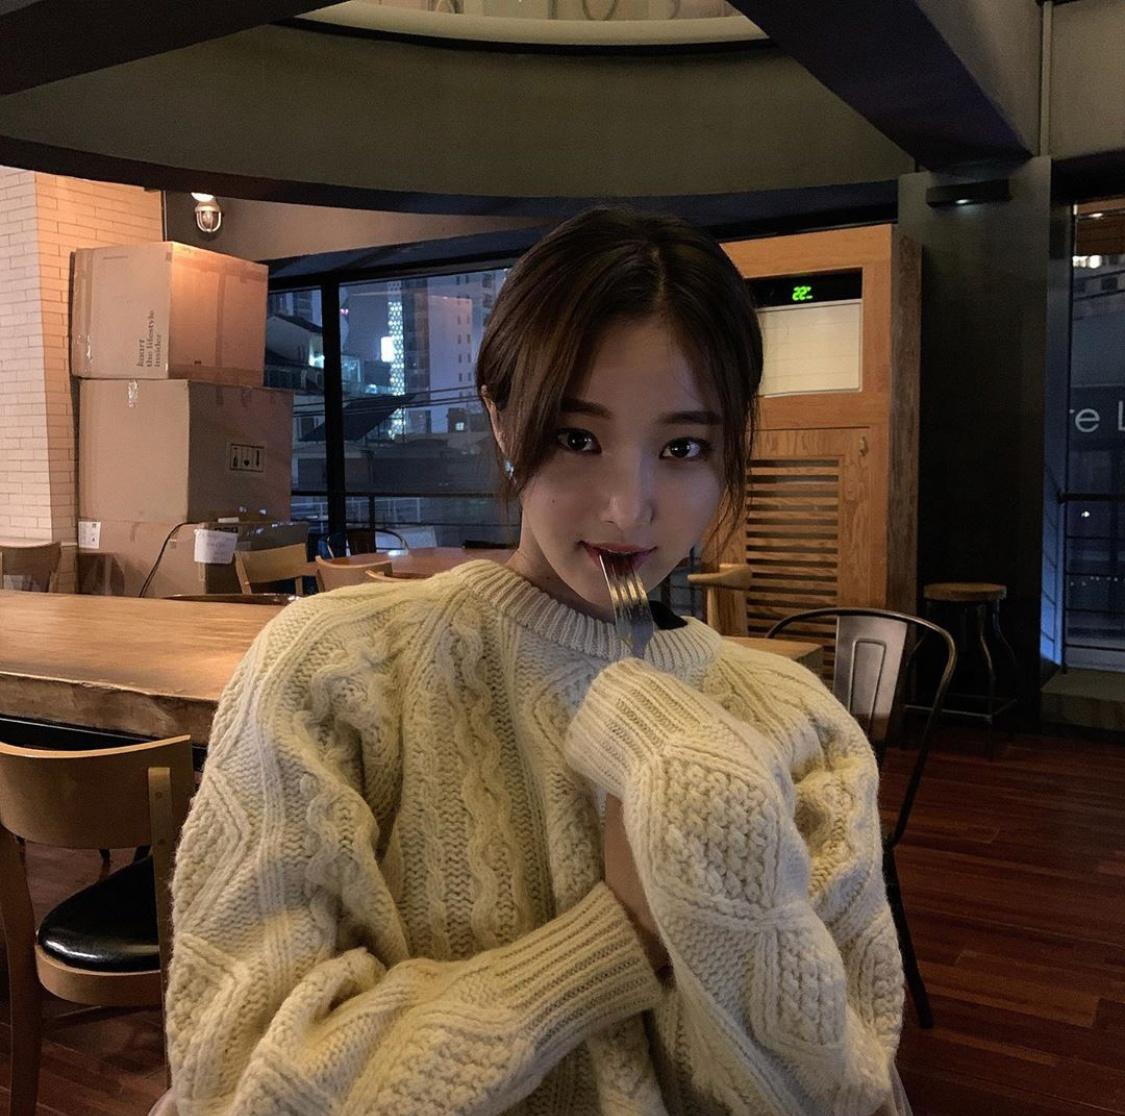 李妍雨退出MOMOLAND后近况 用可爱的表情表示幸福